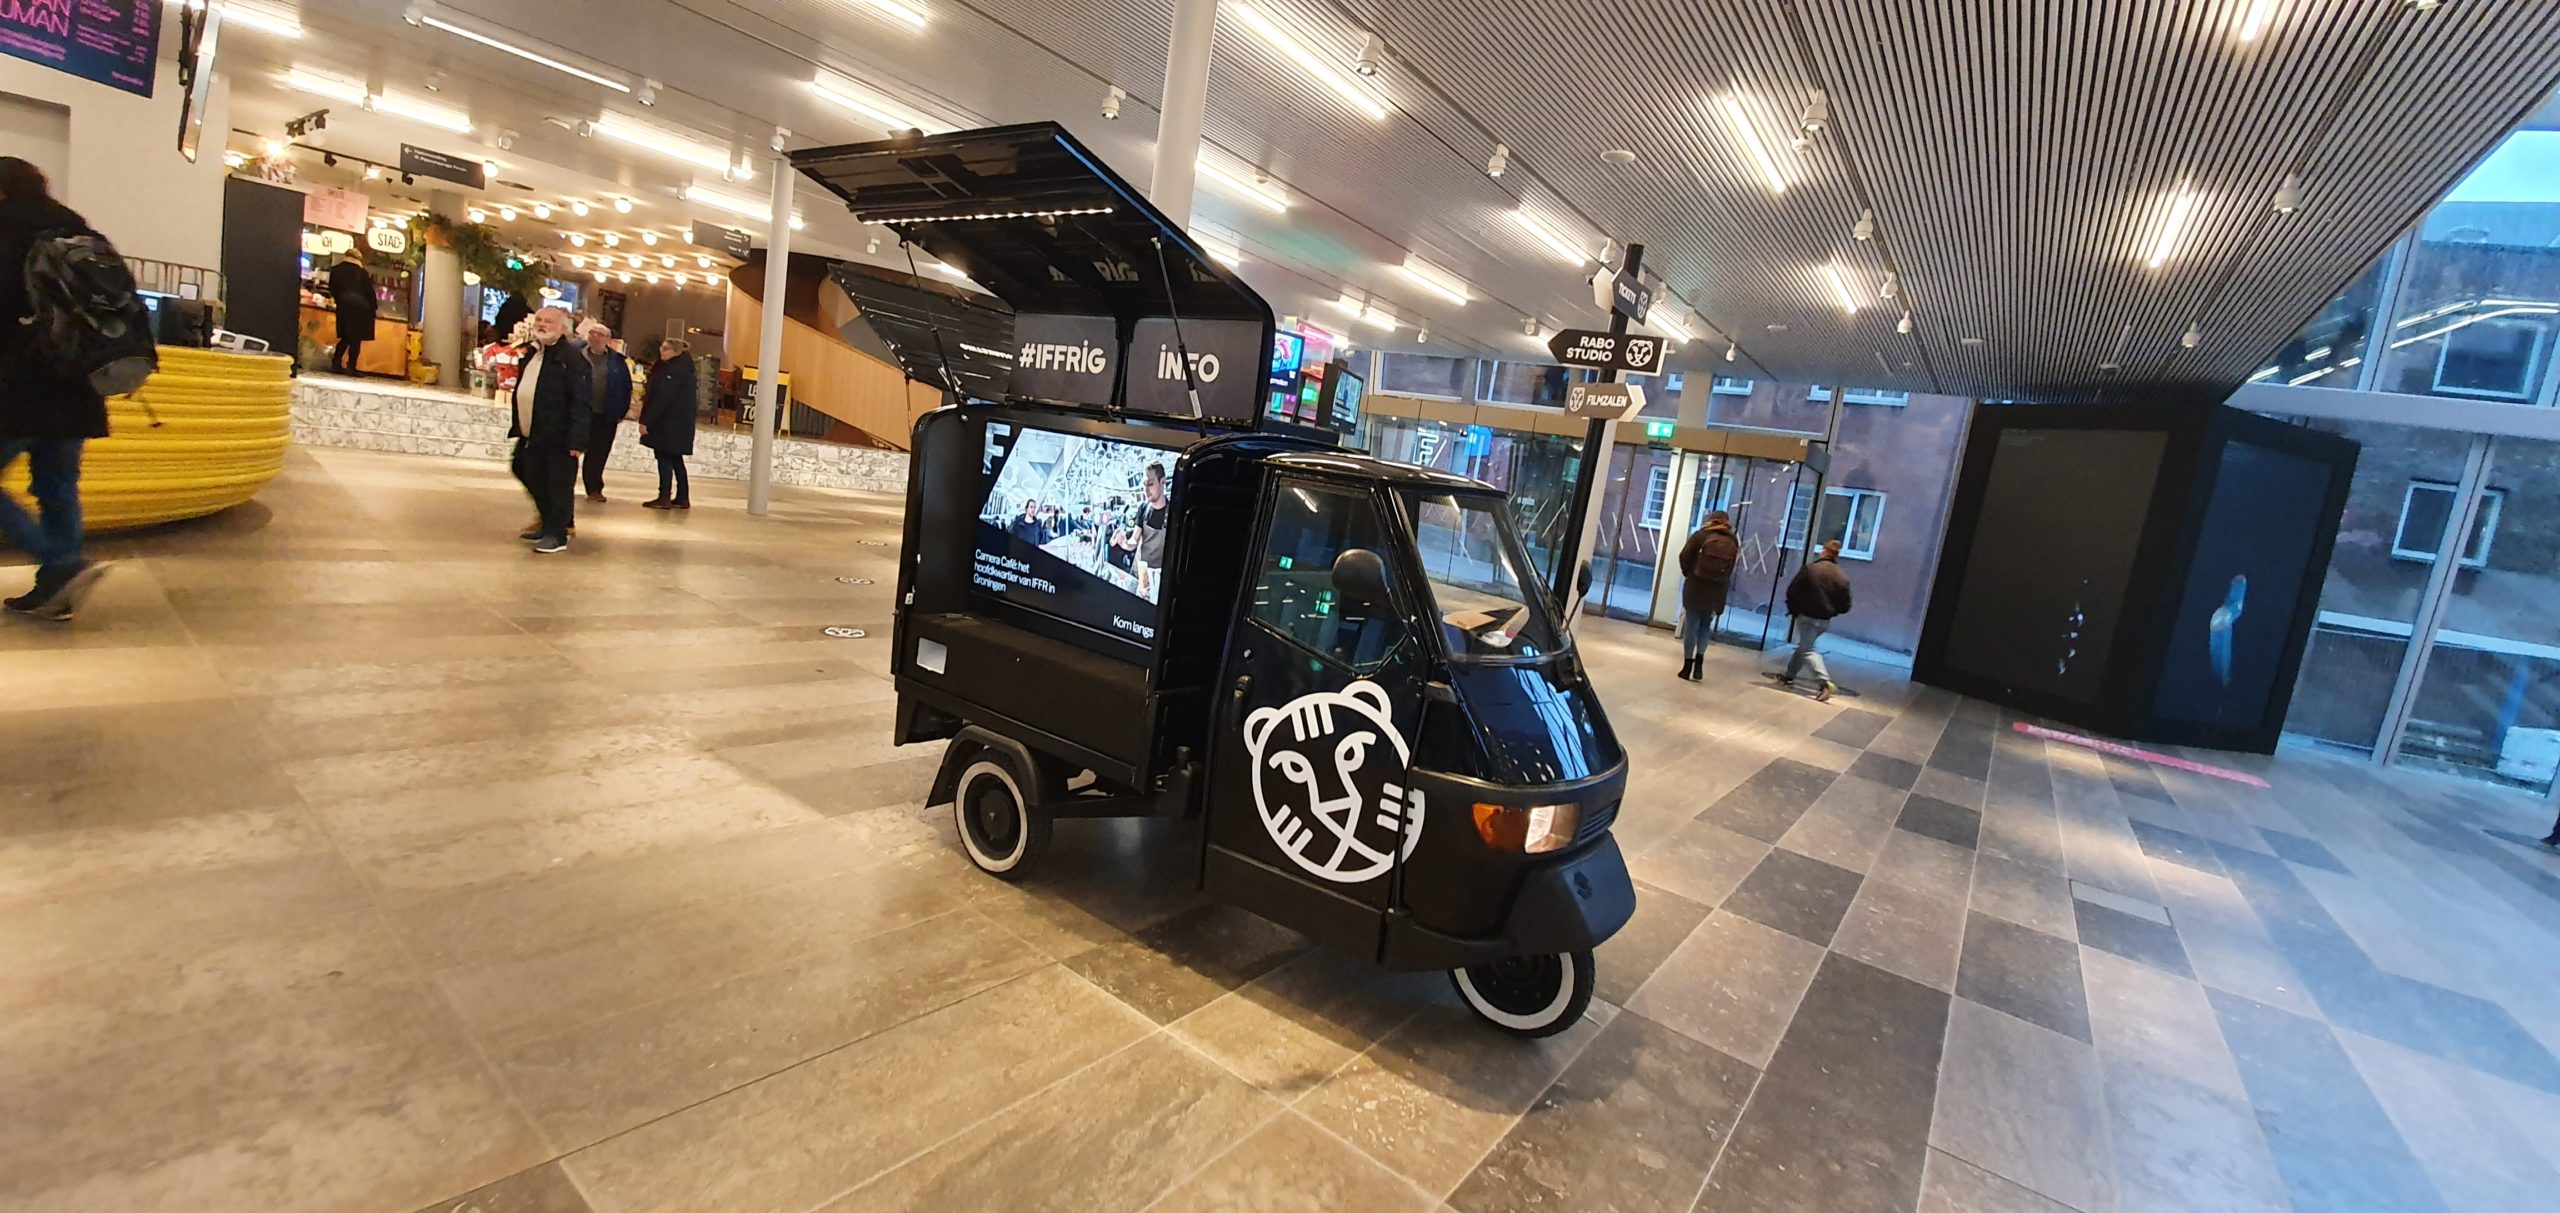 TukTuk PhotoBooth - Forum Groningen